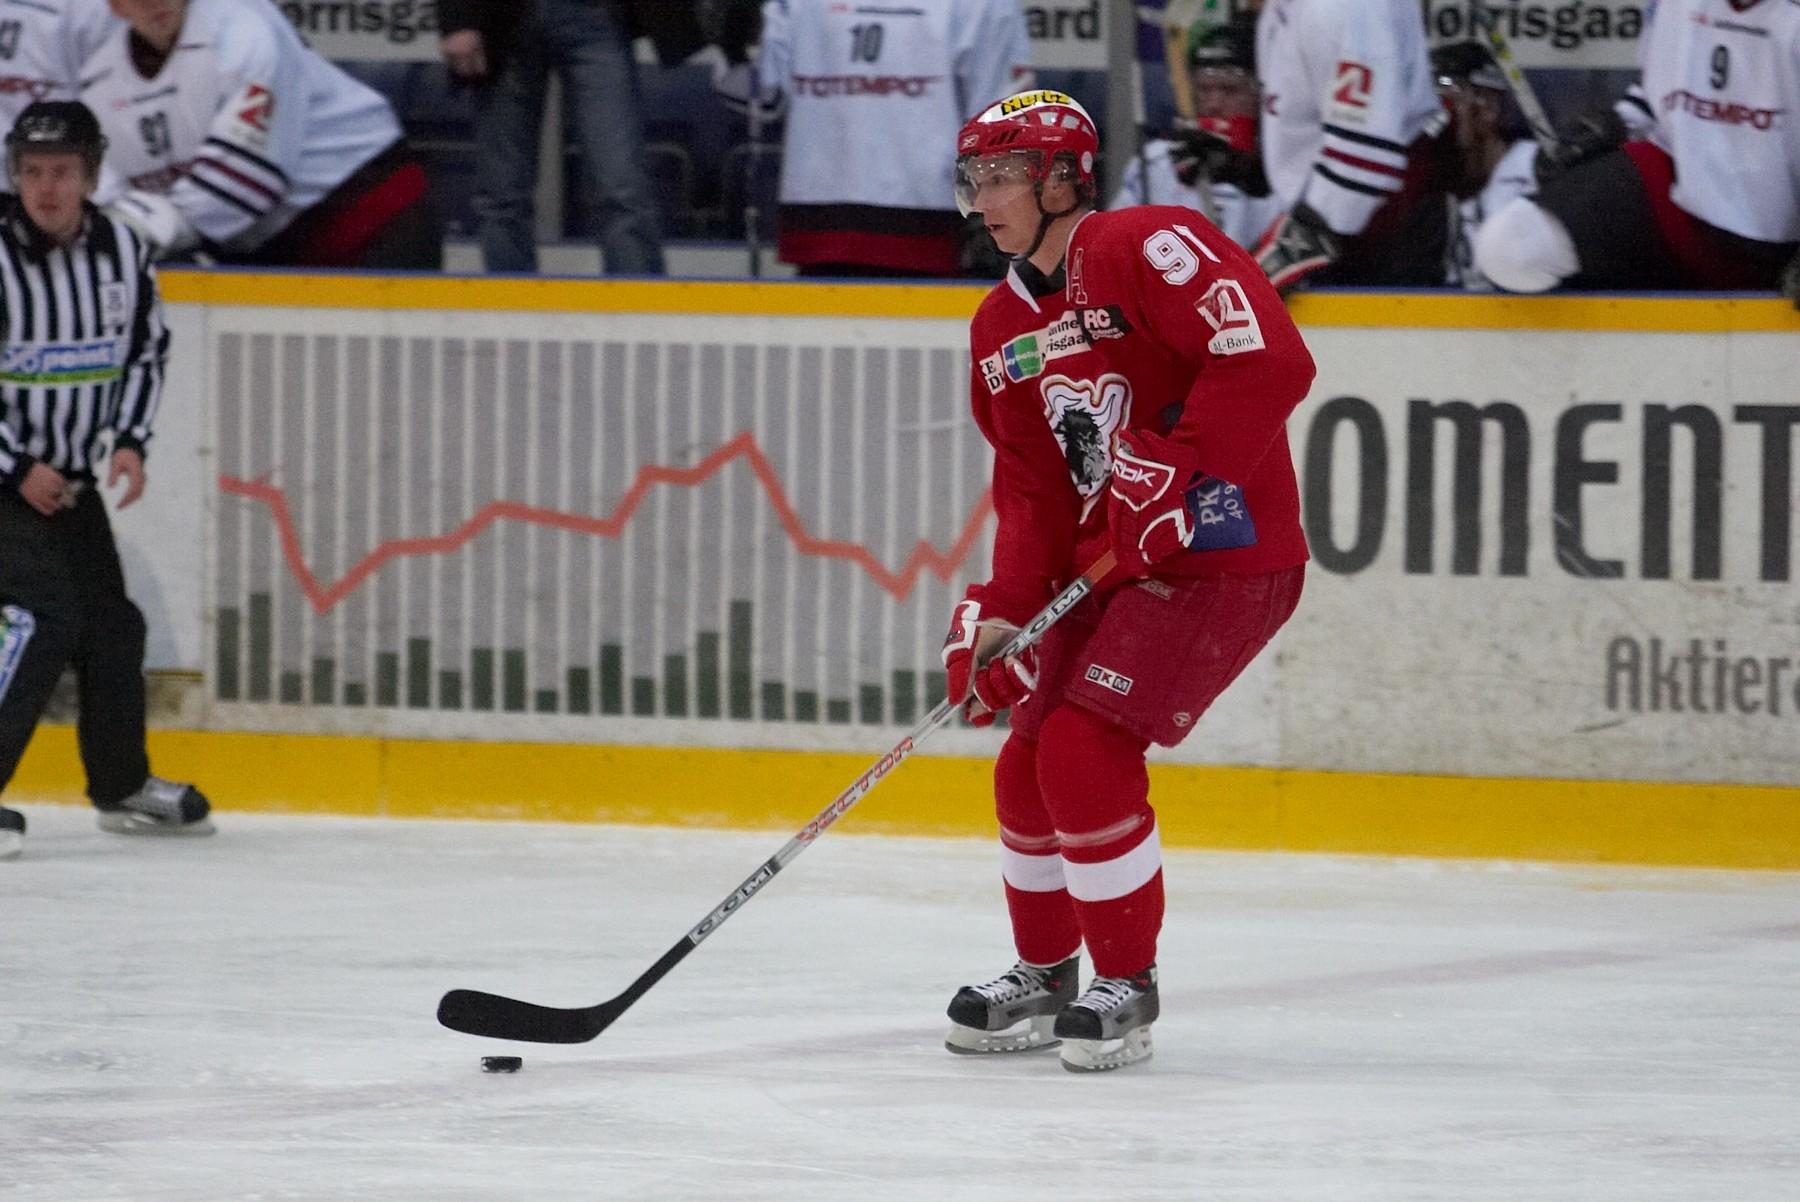 Juha Riihijärvi